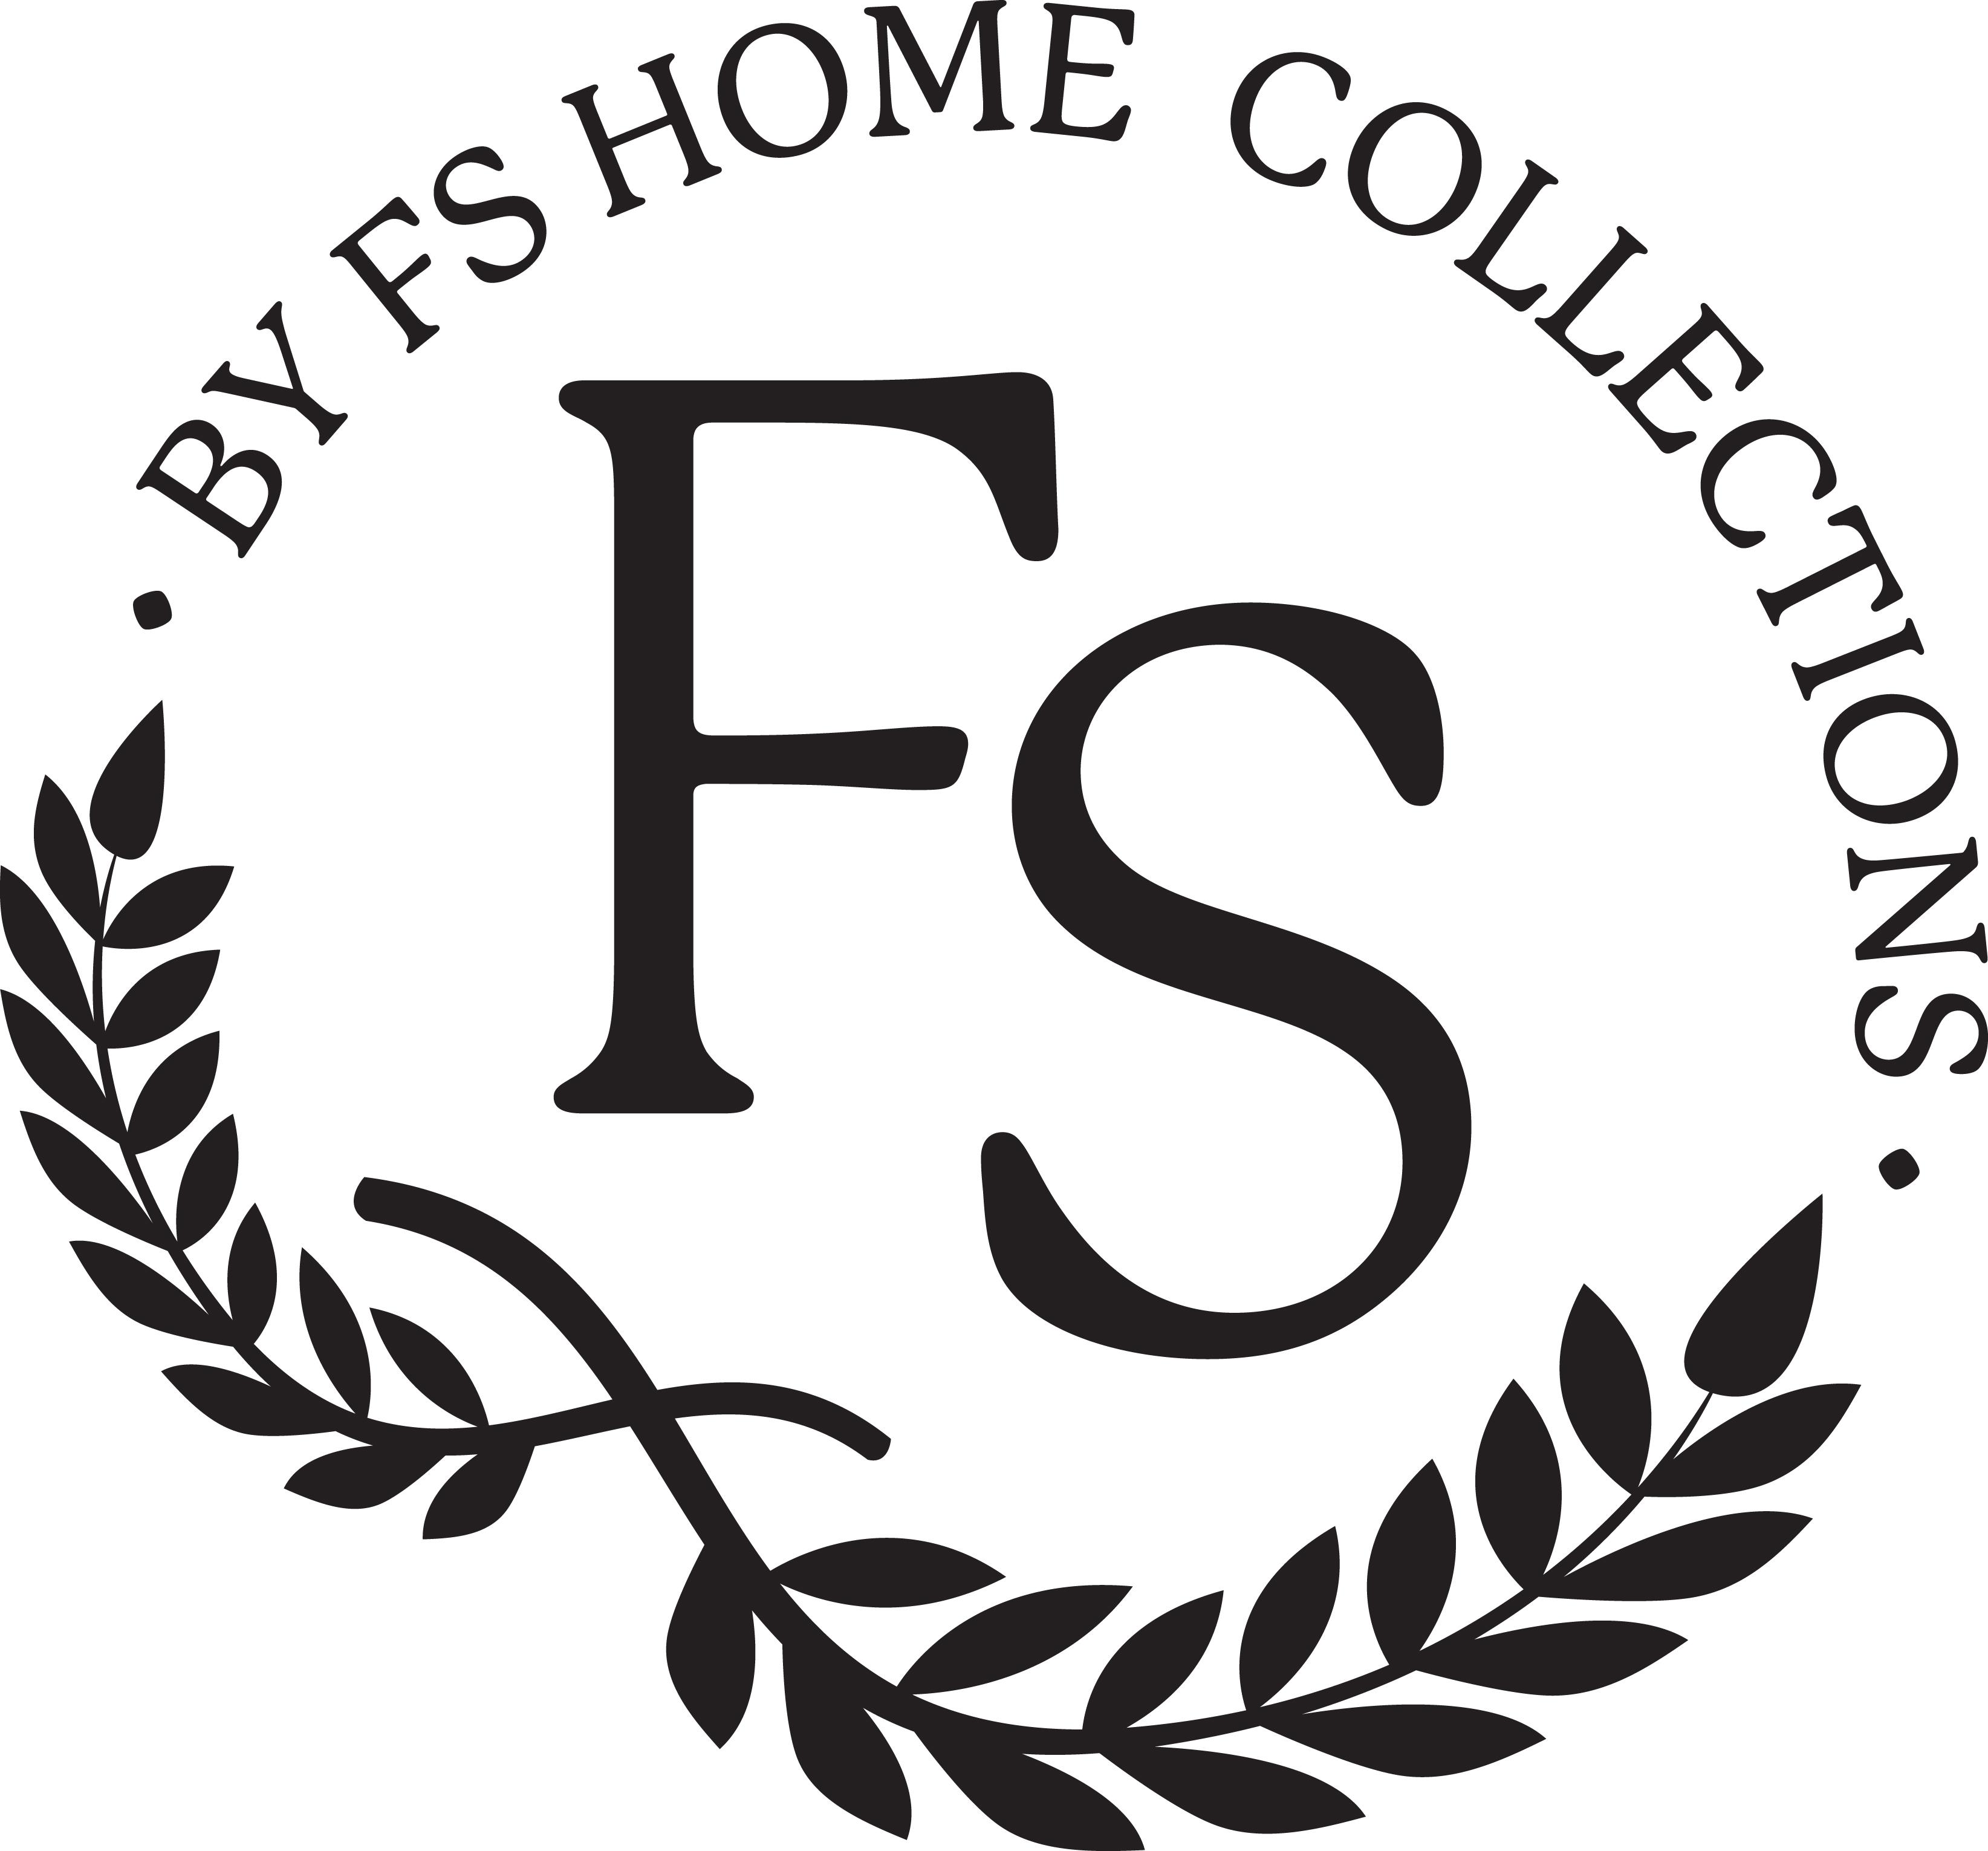 FS Home collections is een prachtig merk dat zeer hoogwaardige kussens maakt en levert.